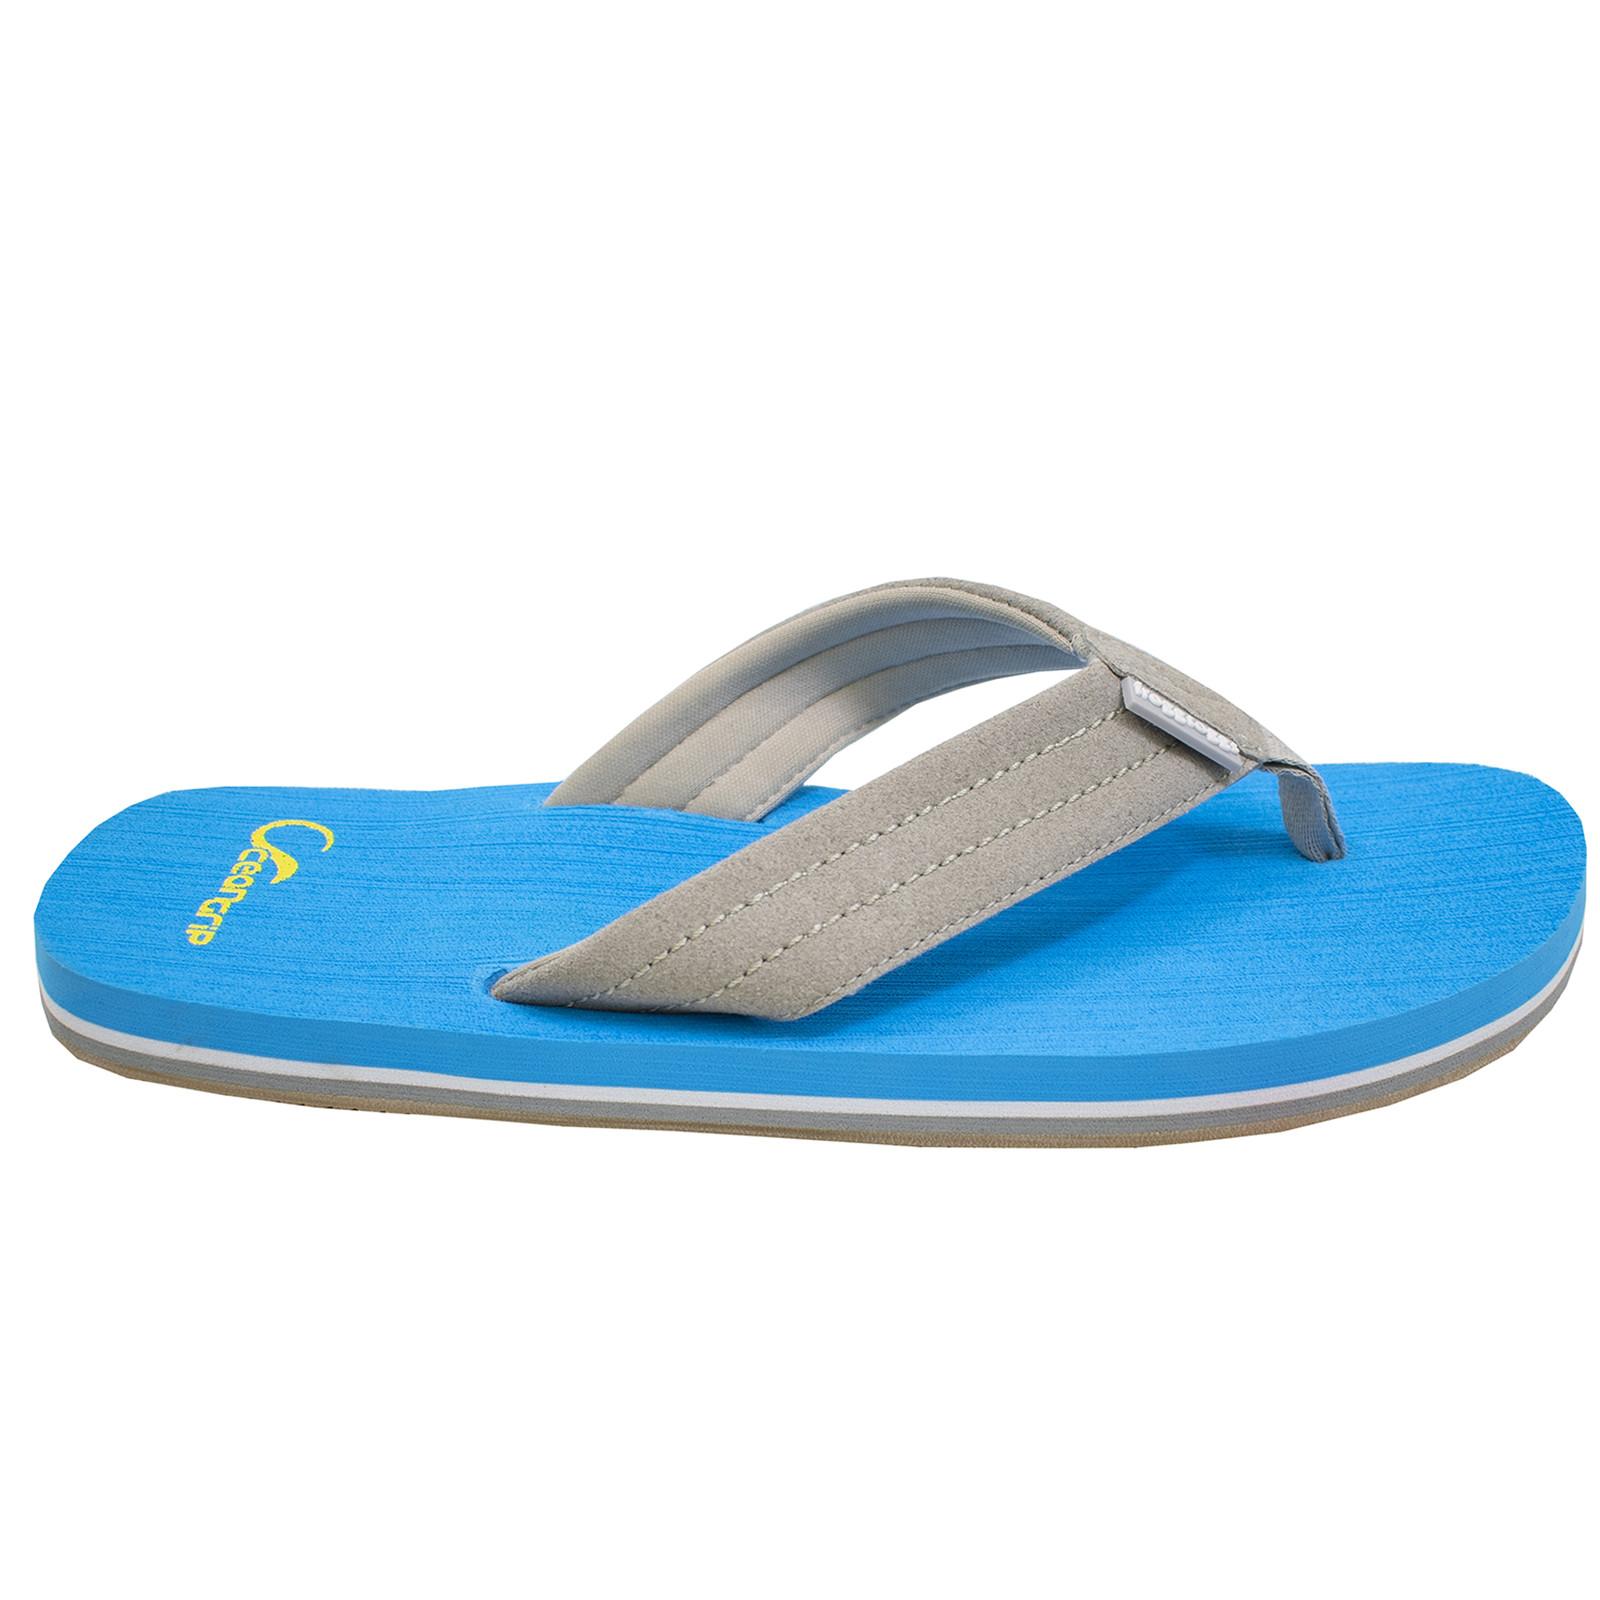 OceanGrip Angler Sandal Blue-large